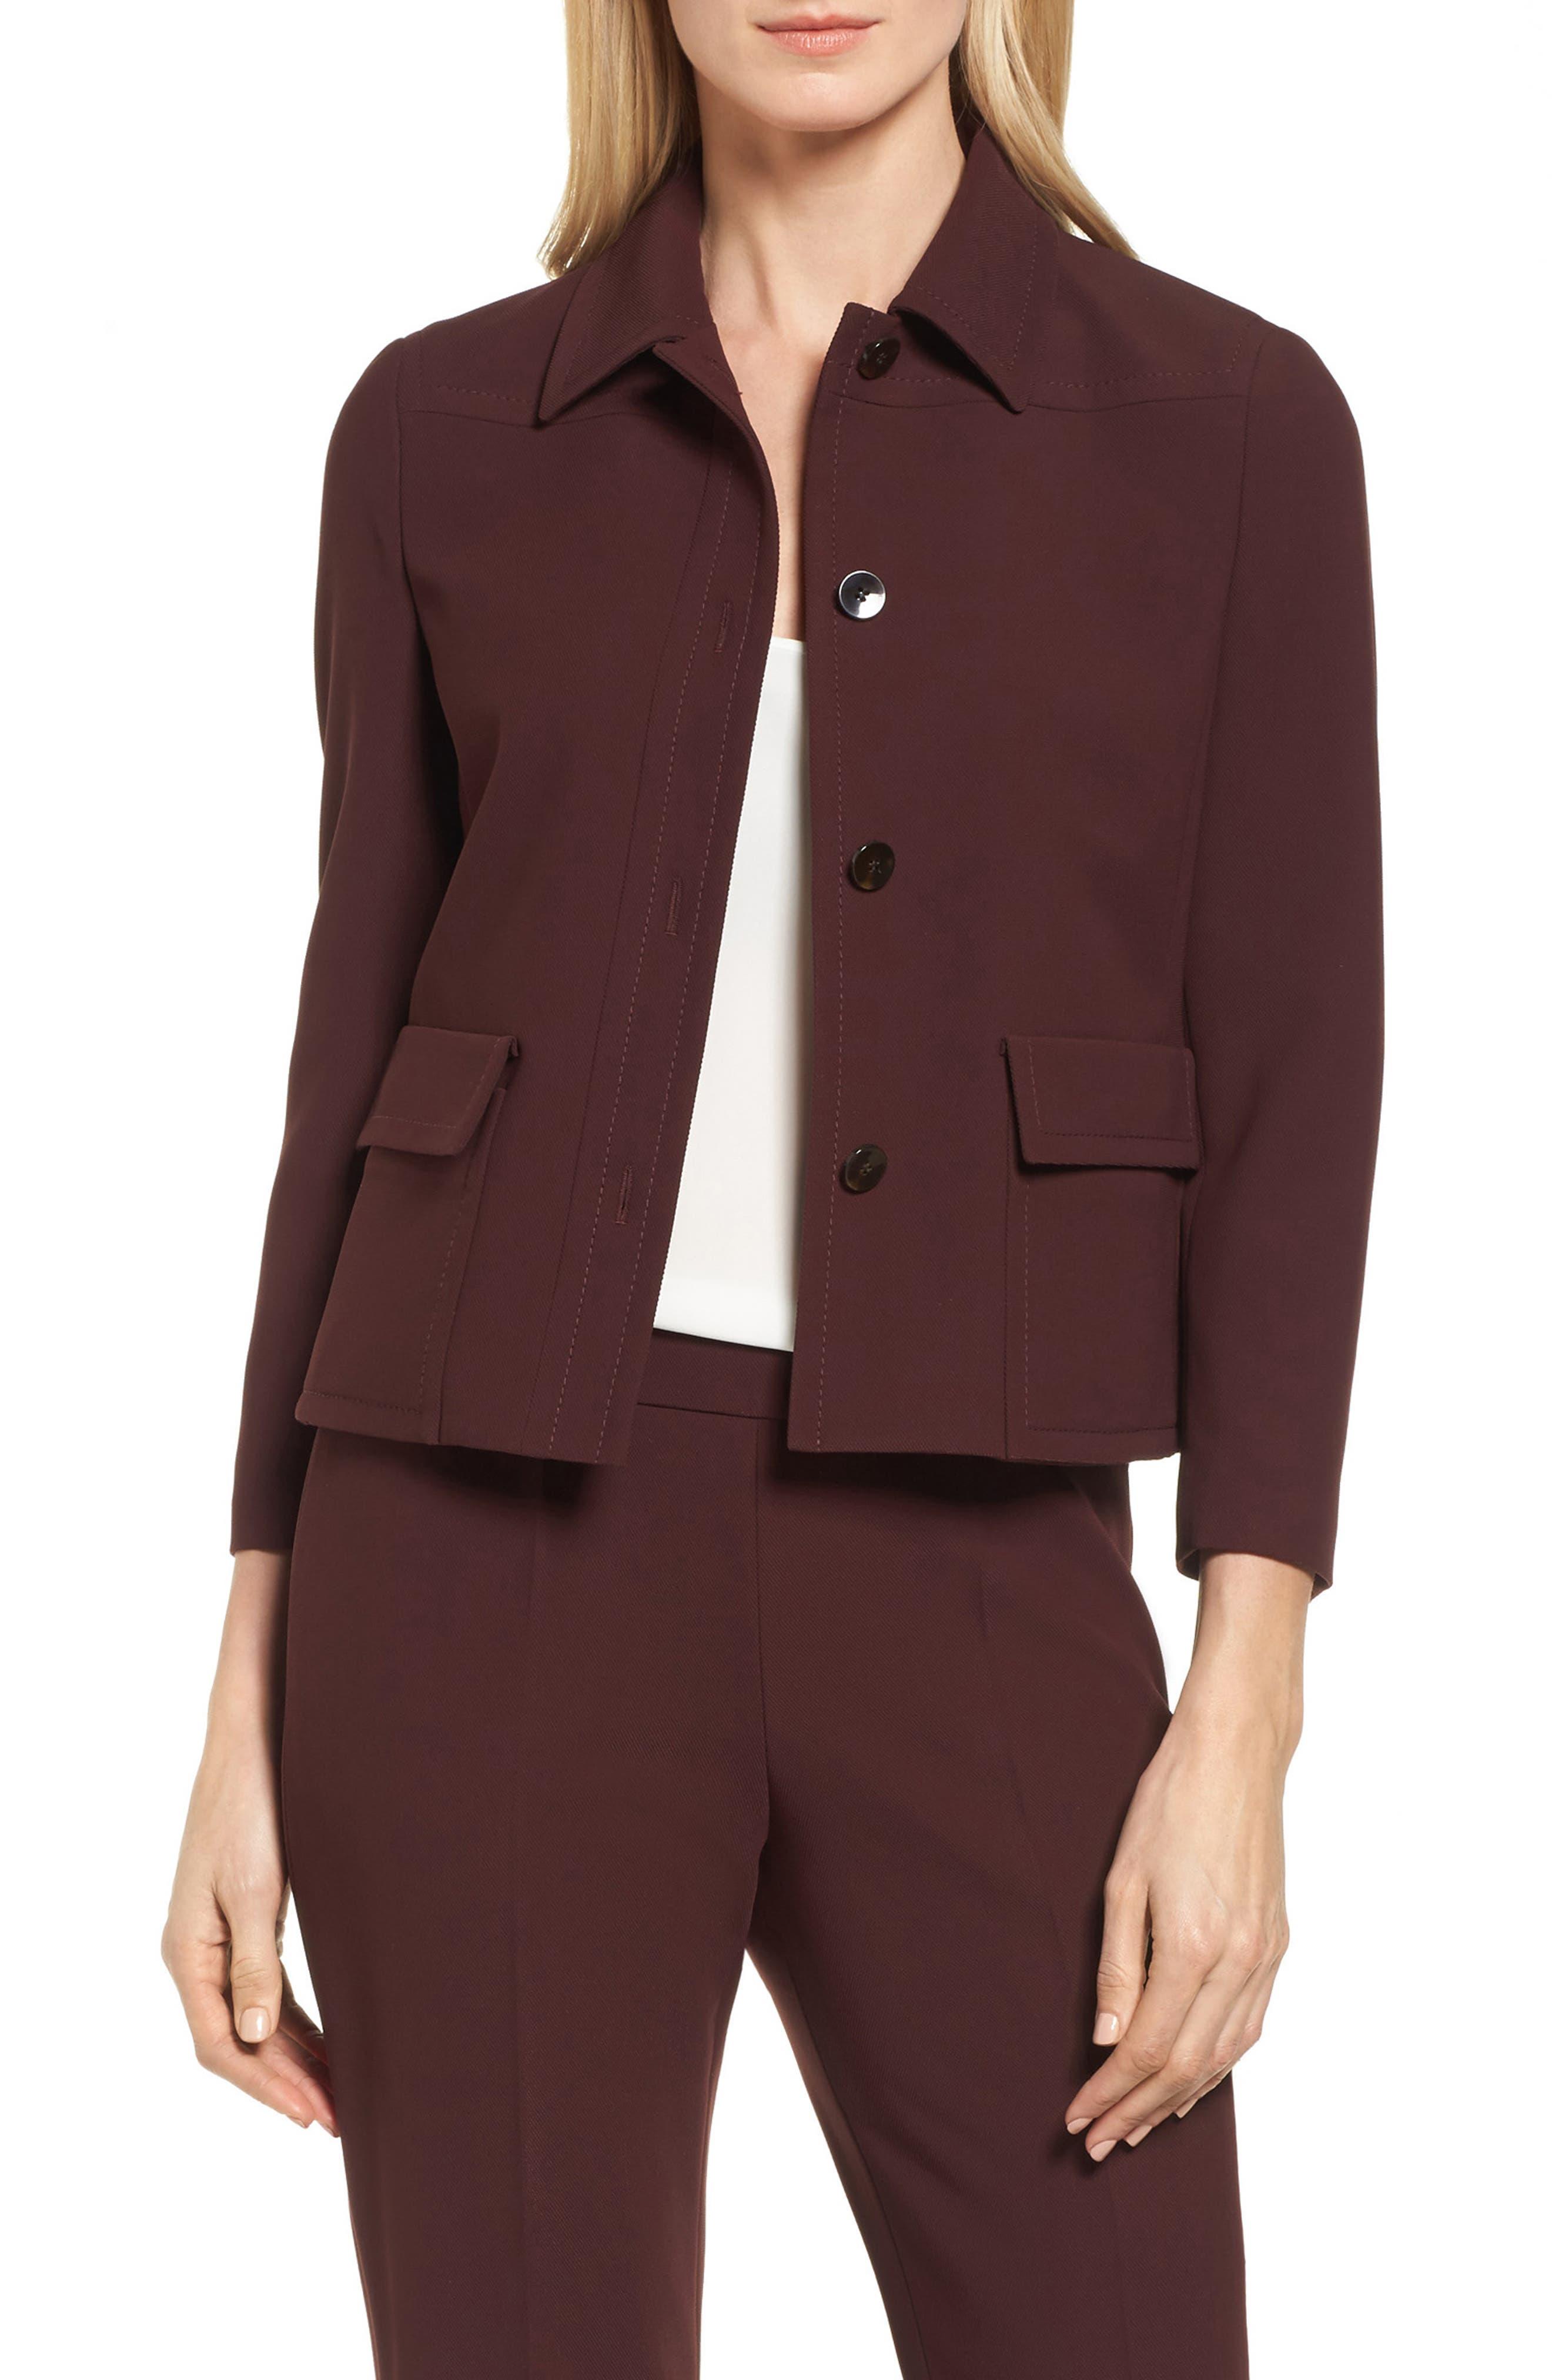 Juriona Suit Jacket,                             Main thumbnail 1, color,